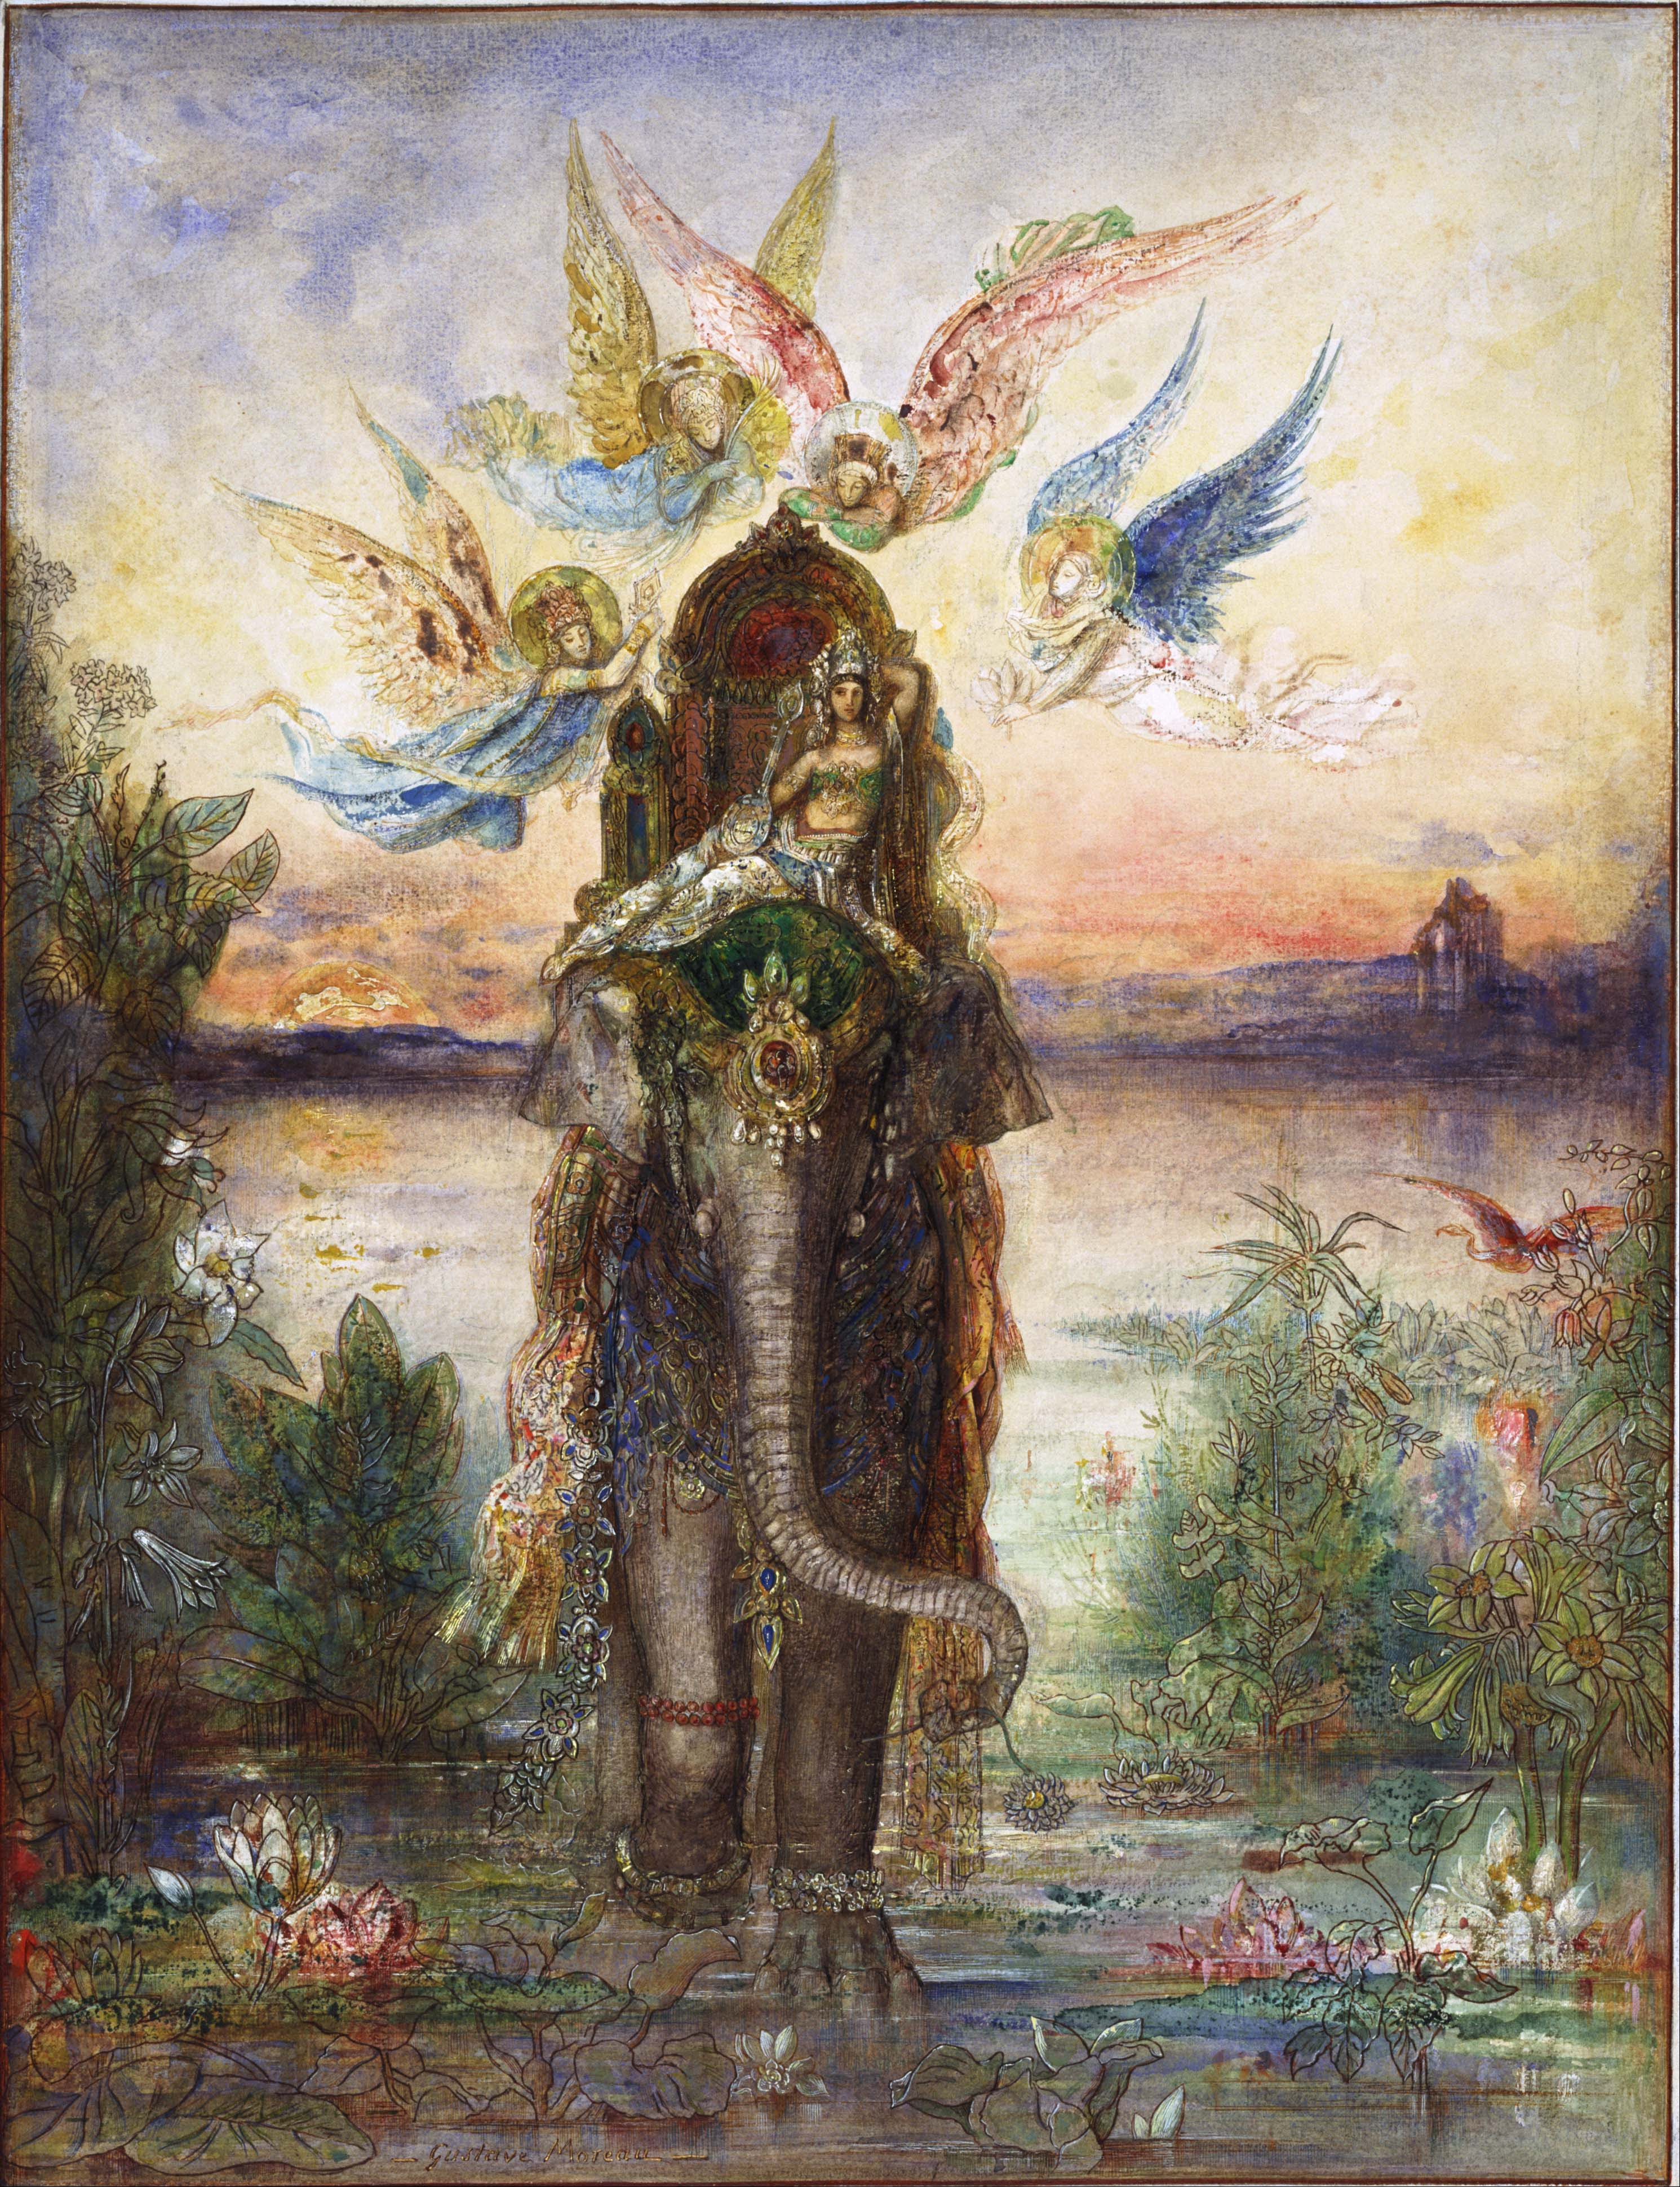 1882_Священный слон (Пери) (57 х 43.5 см) (акварель и гуашь) (Токио, Нац. музей западного искусства)